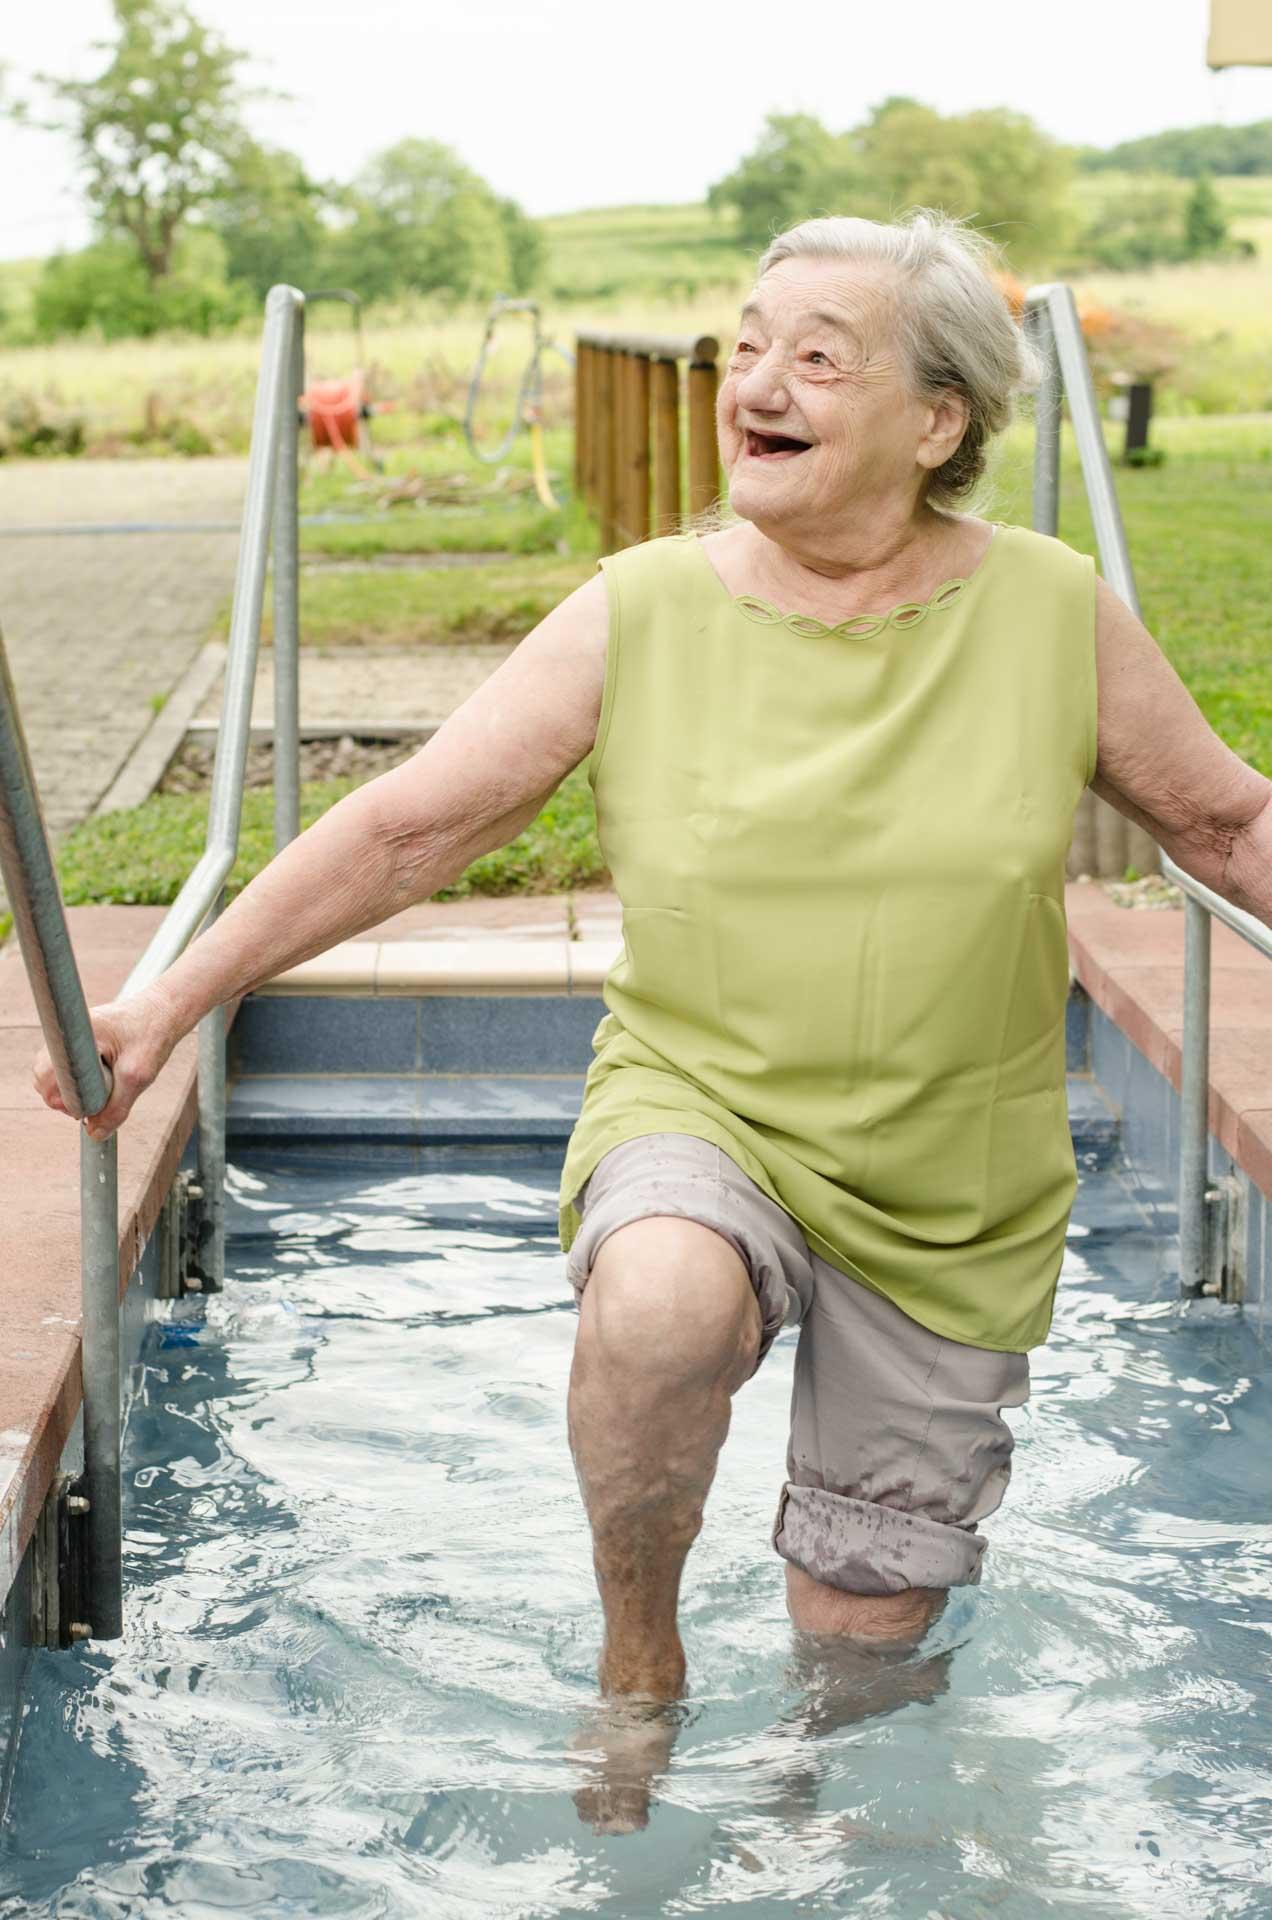 Das Seniorenheim Emmaus ist die einzige vom Kneipp-Bund anerkannte Pflegeeinrichtung in Baden-Württemberg. Kneipp-Anwendungen wie das Gehen durch das Kneipp-Becken sind zentraler Bestandteil des Betreuungskonzepts.